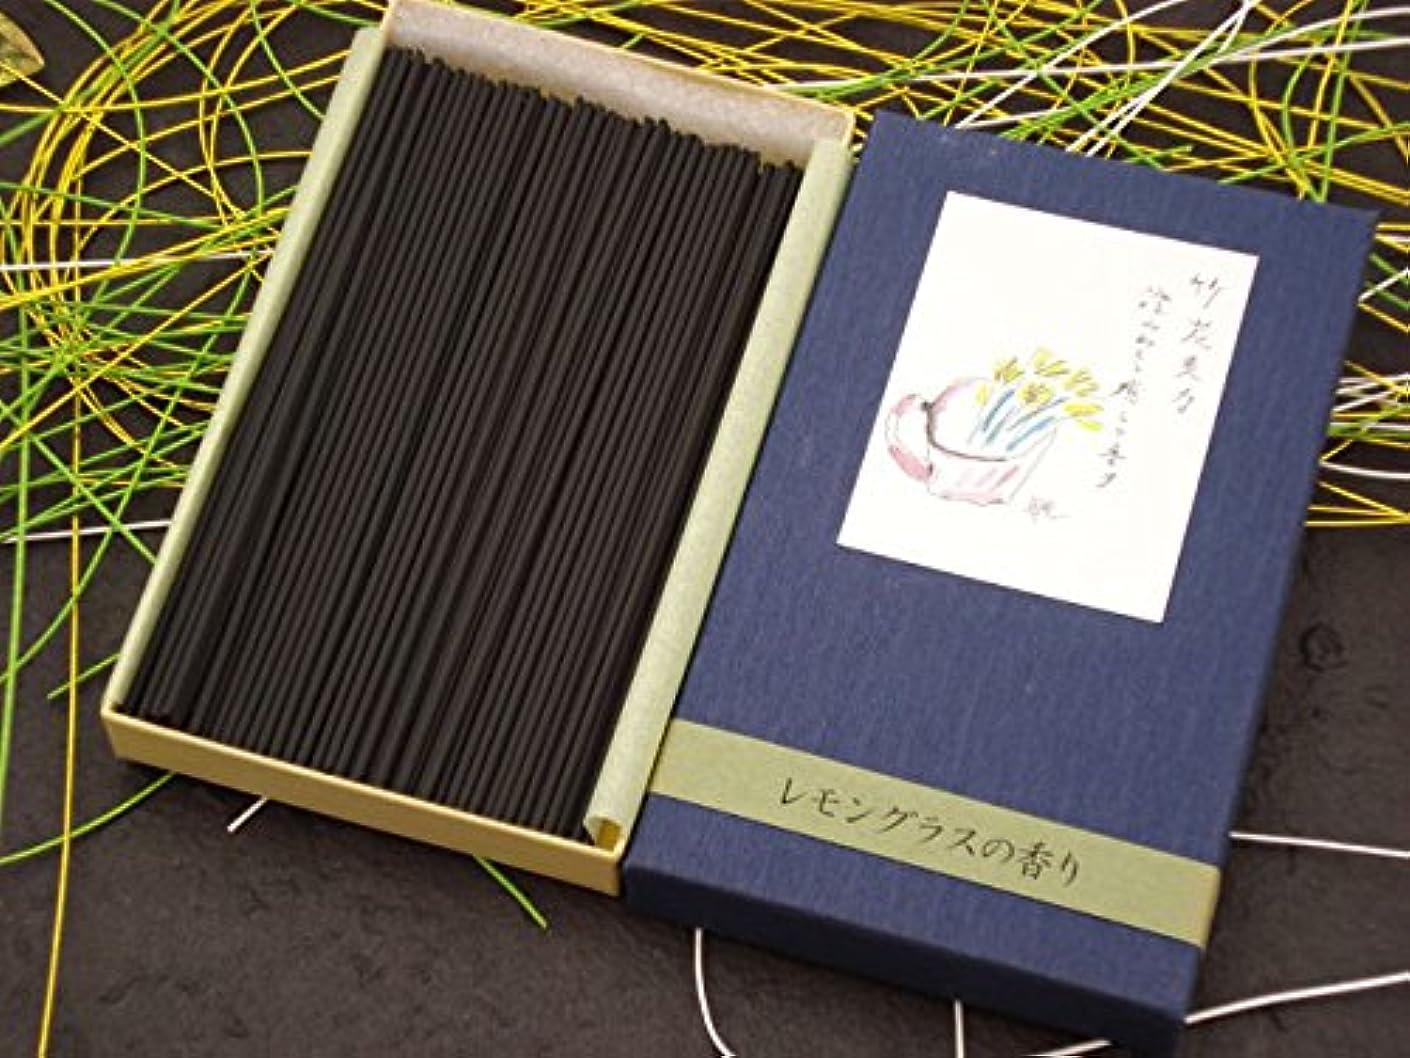 橋磁器メッセンジャー【お香】淡路梅薫堂 微煙タイプ【竹炭爽力 レモングラスのかおり 】